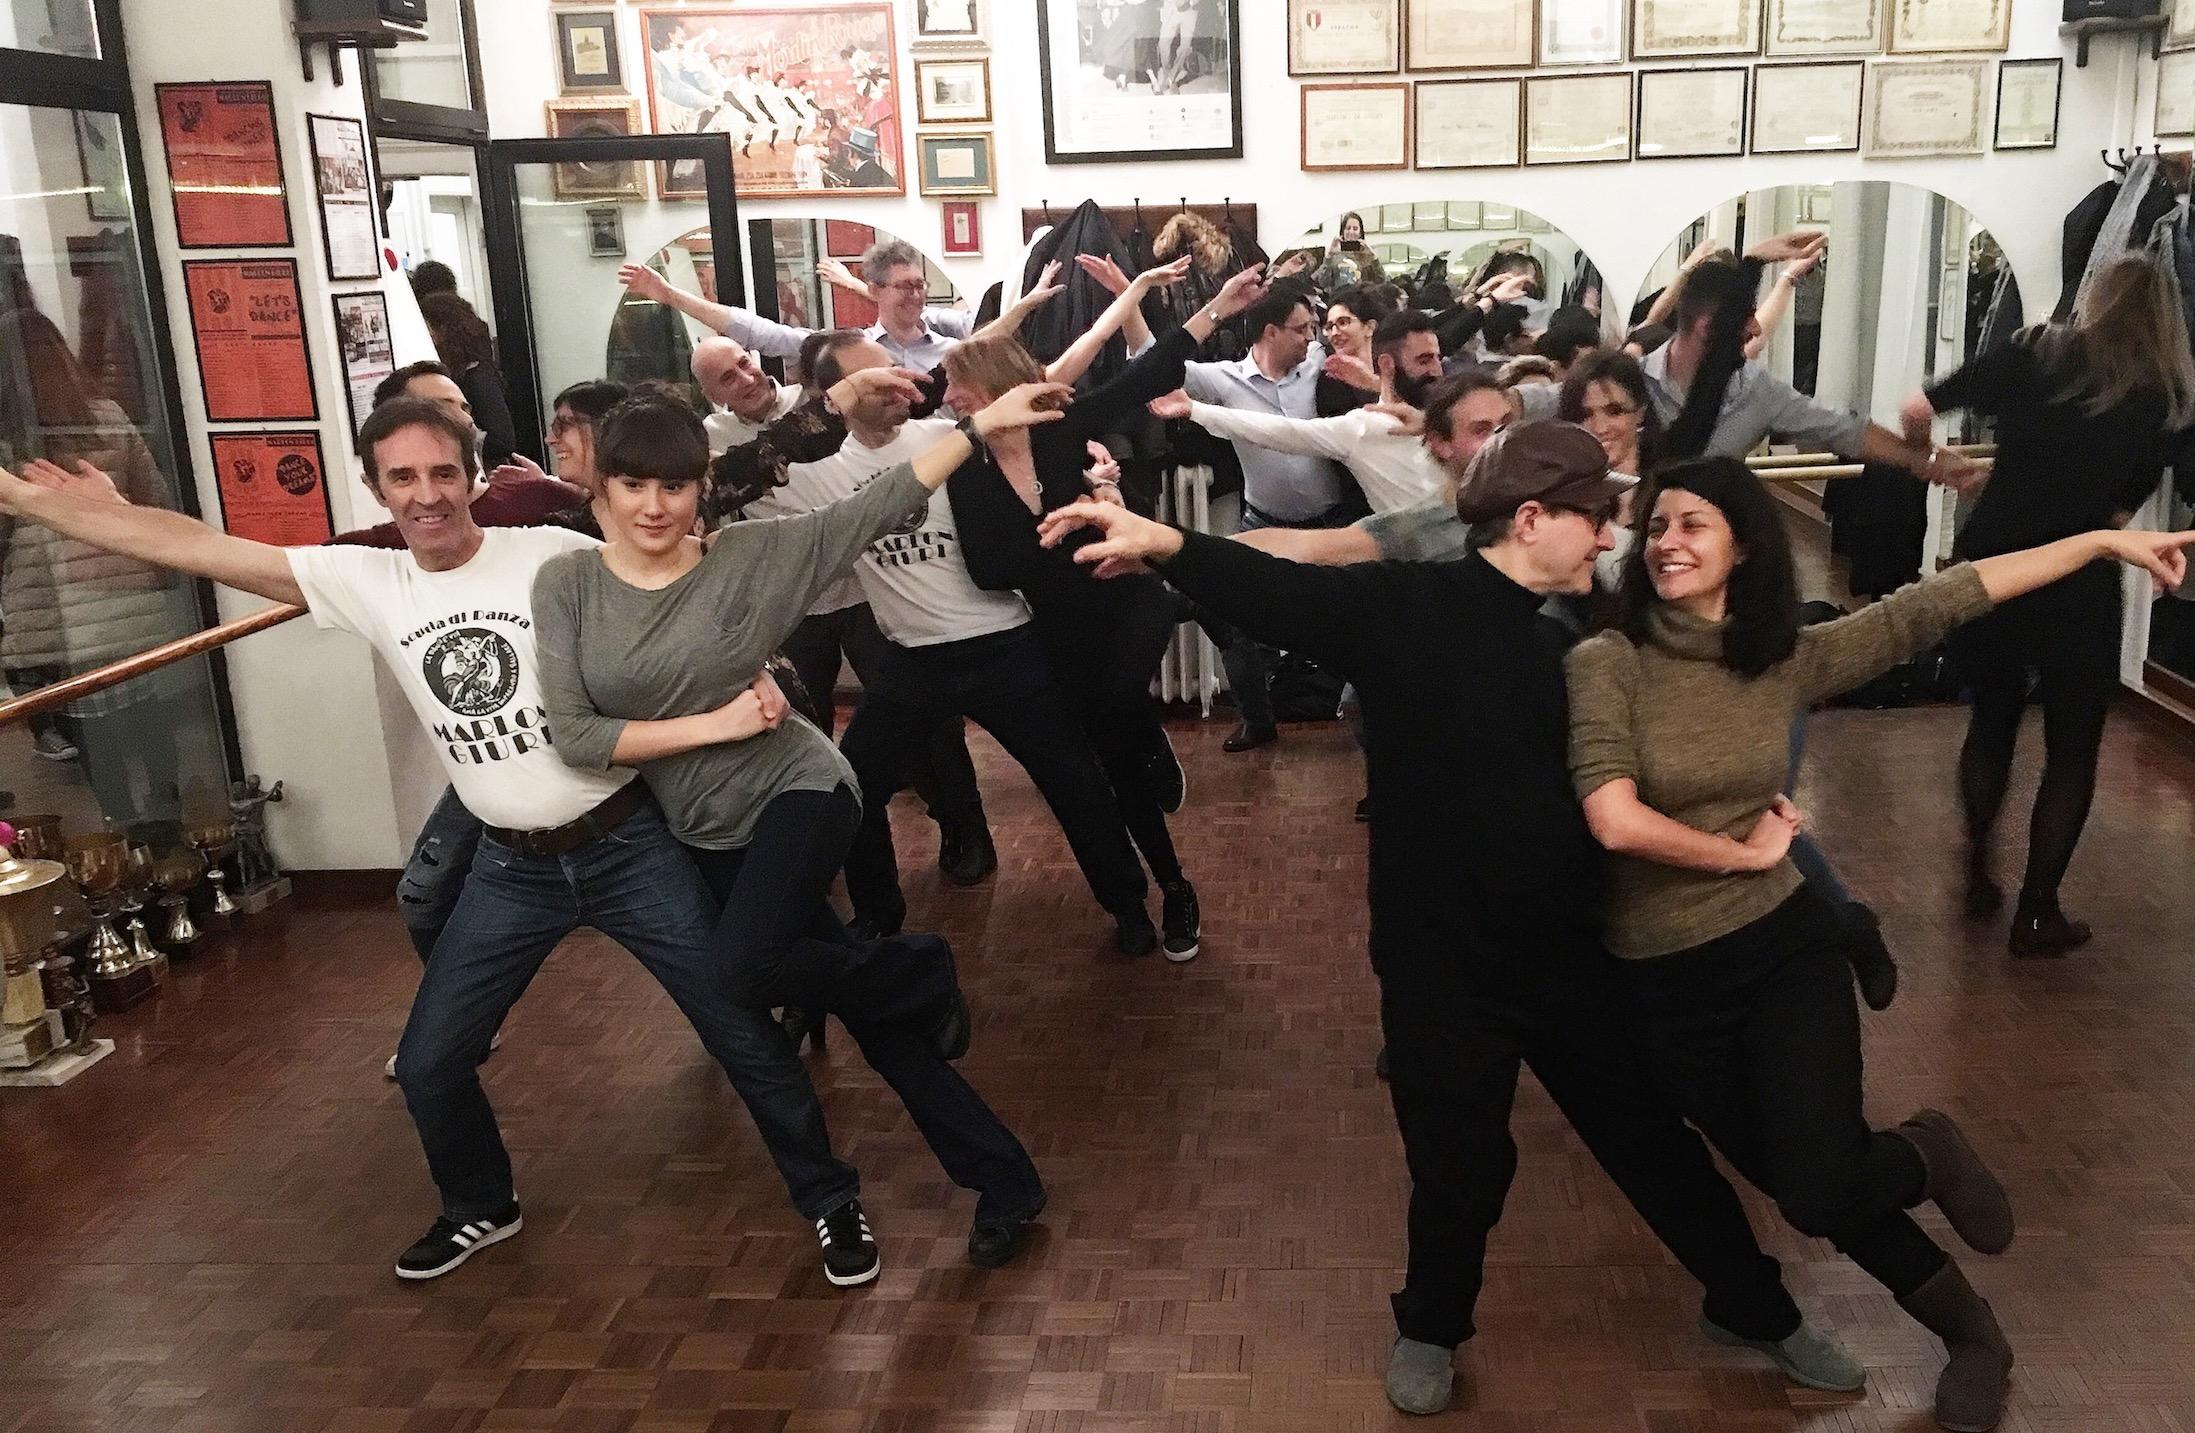 Scuola-di-danza-a-Milano